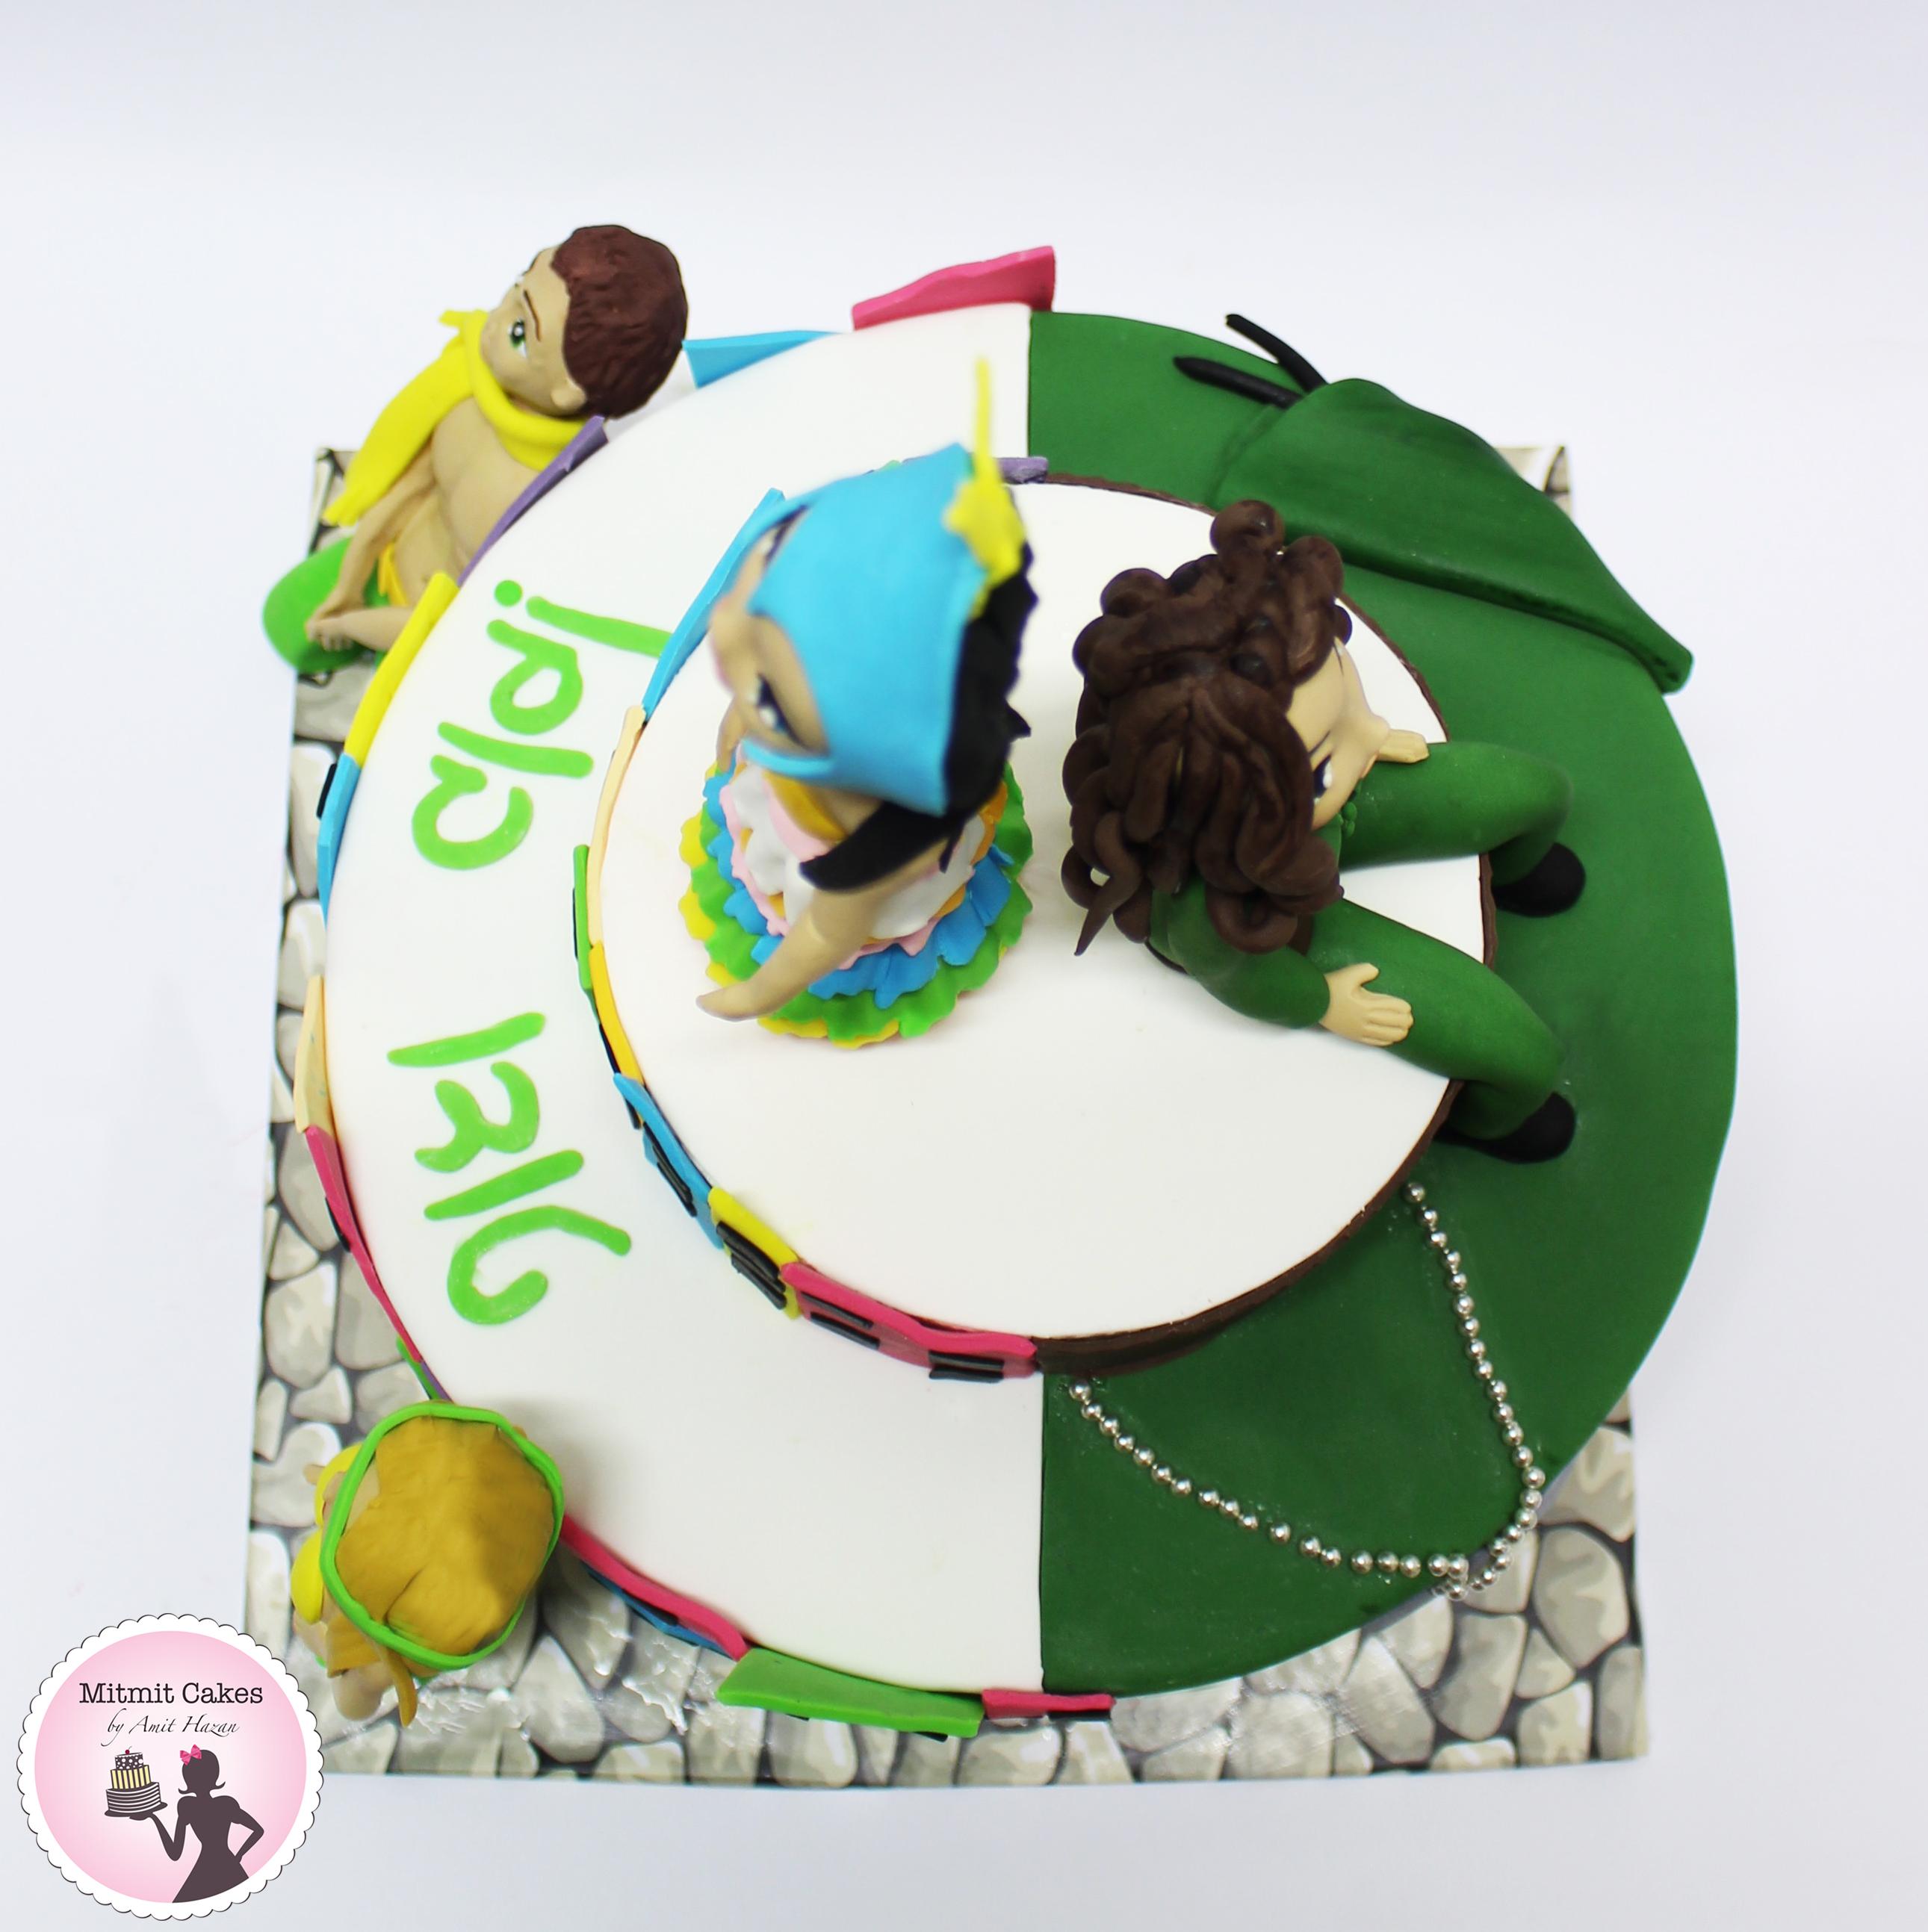 עוגה שחרור מהצבא בקונספט ברזיל